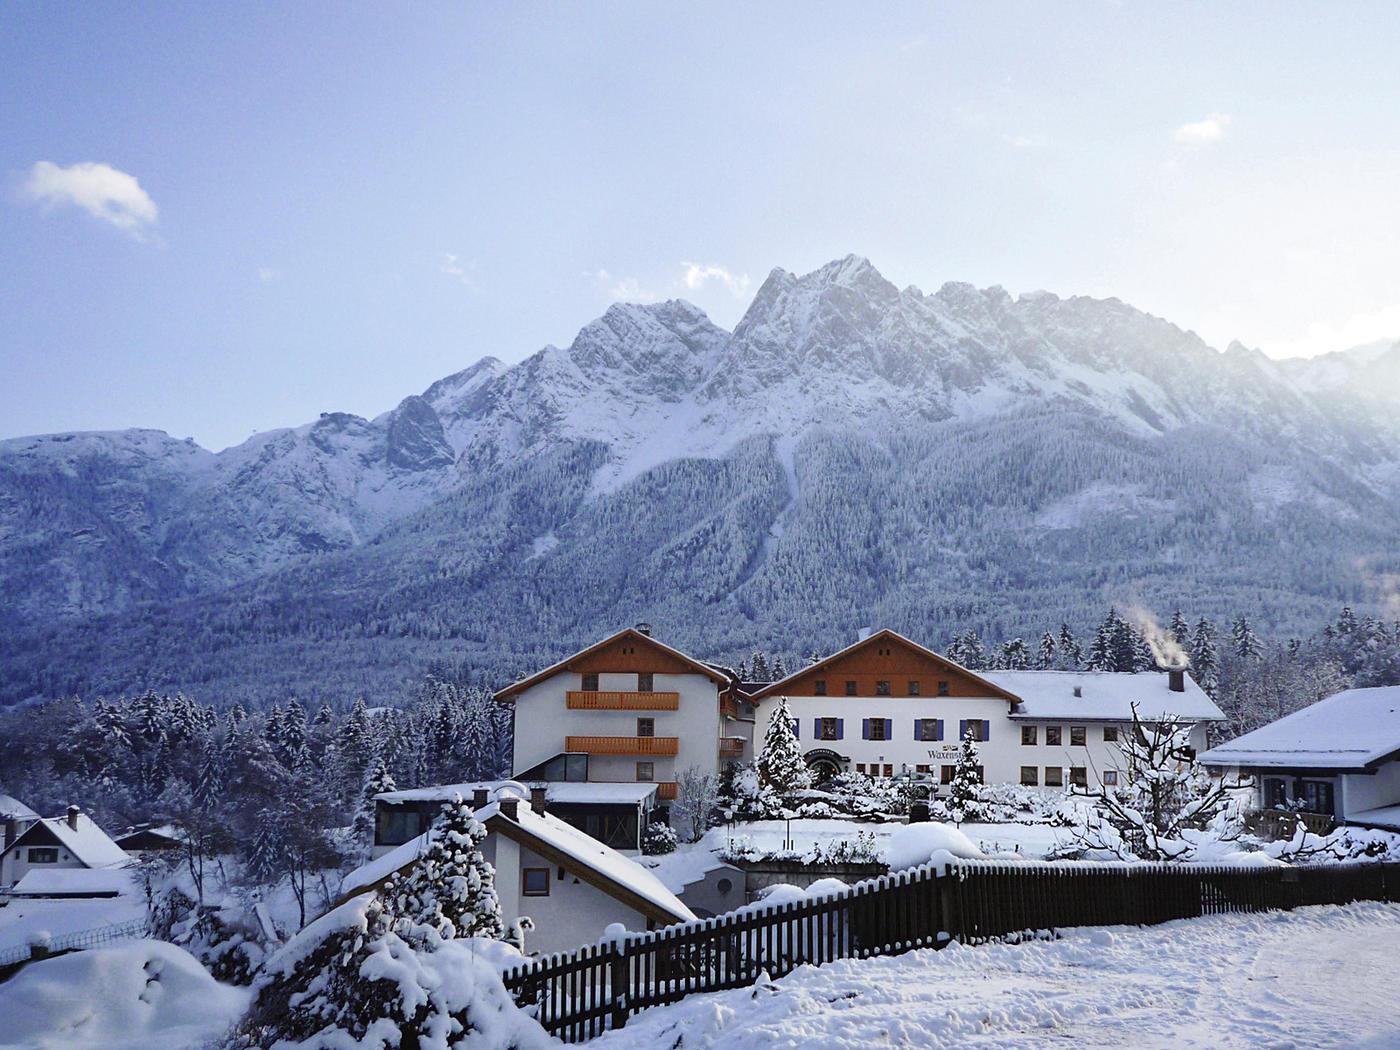 Romantisch oder? Das Romantik Alpenhotel Waxenstein